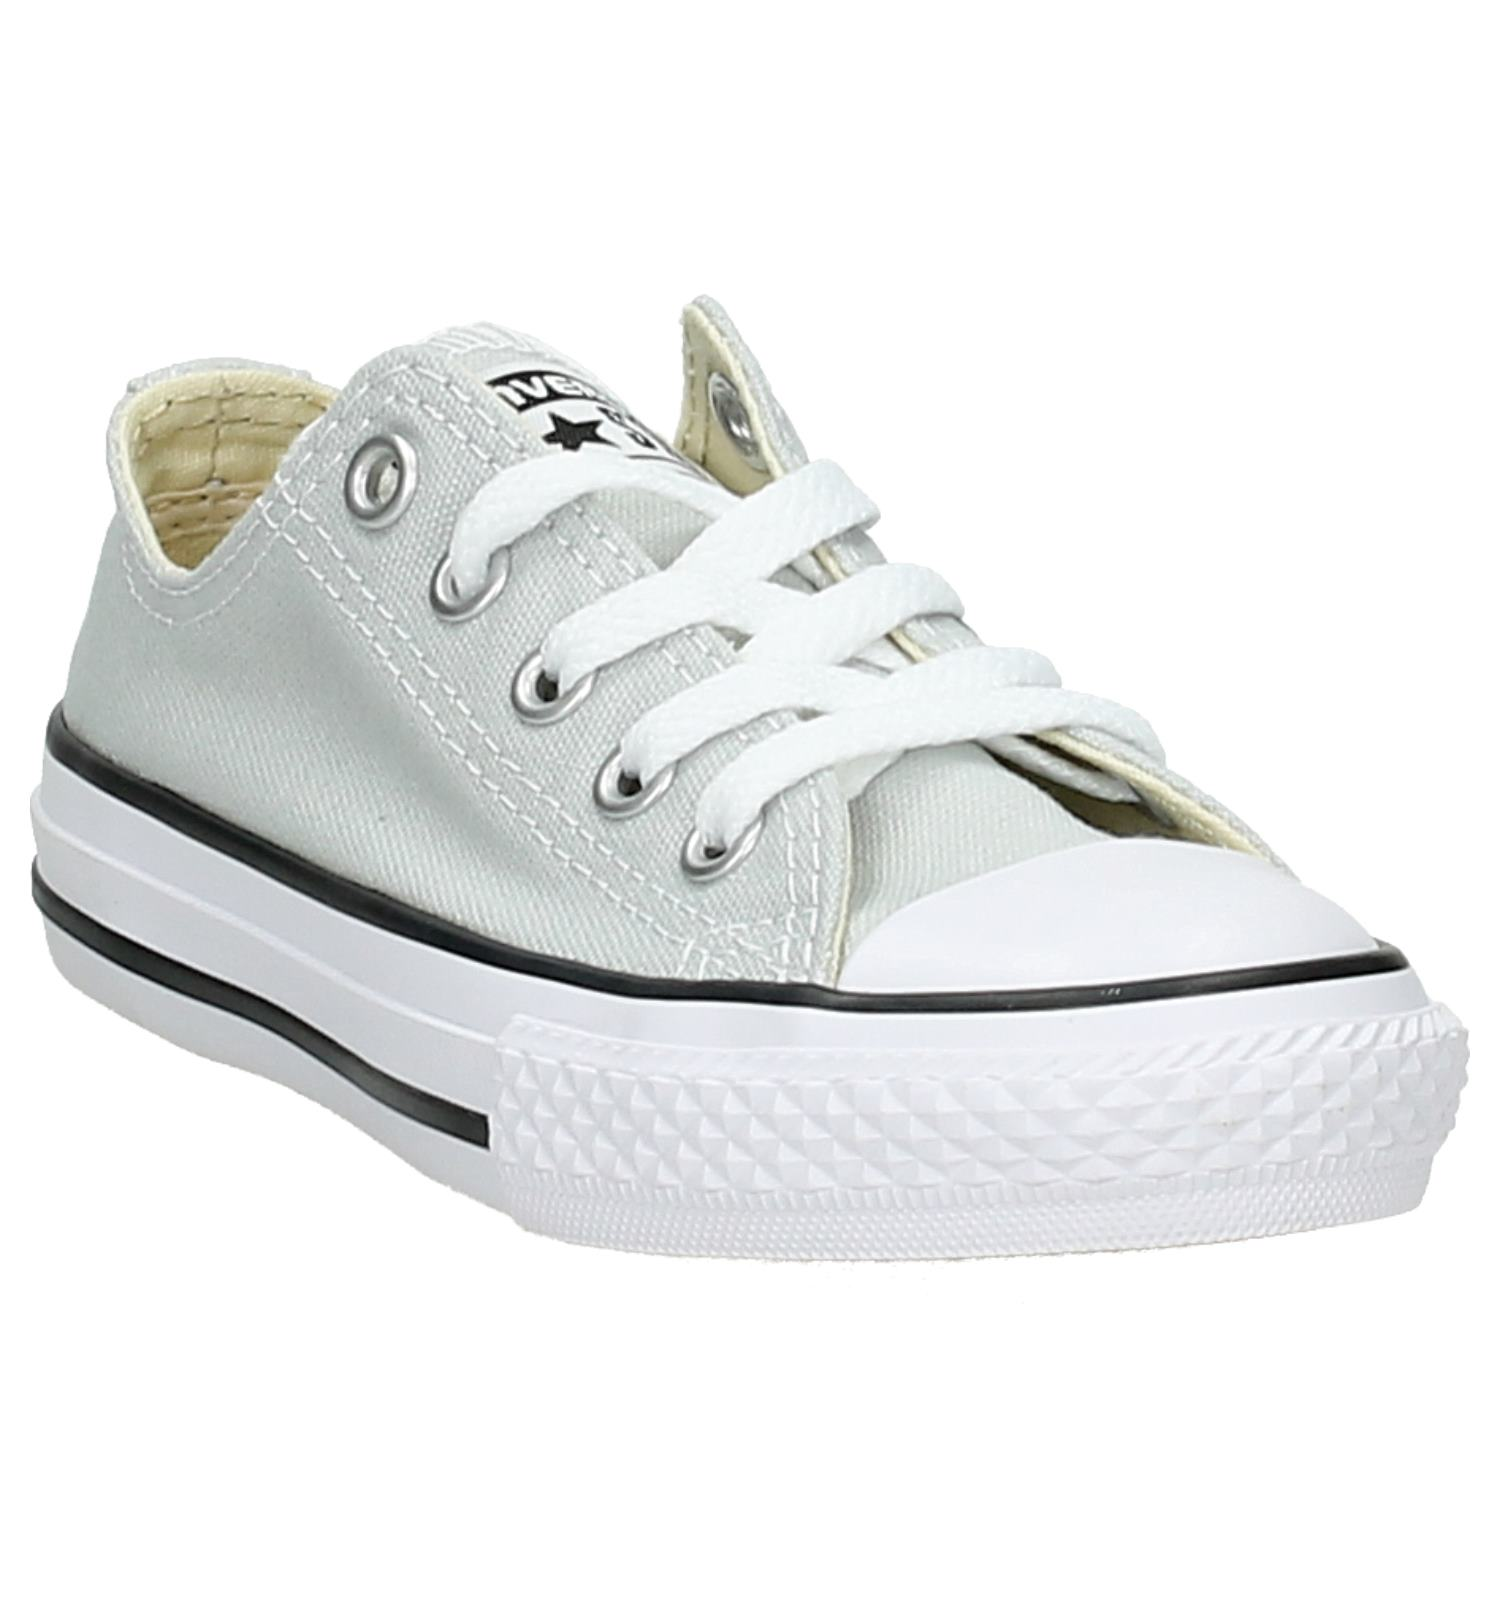 ba25f2484aa Grijze Converse Chuck Taylor All Star Sneaker | TORFS.BE | Gratis verzend  en retour